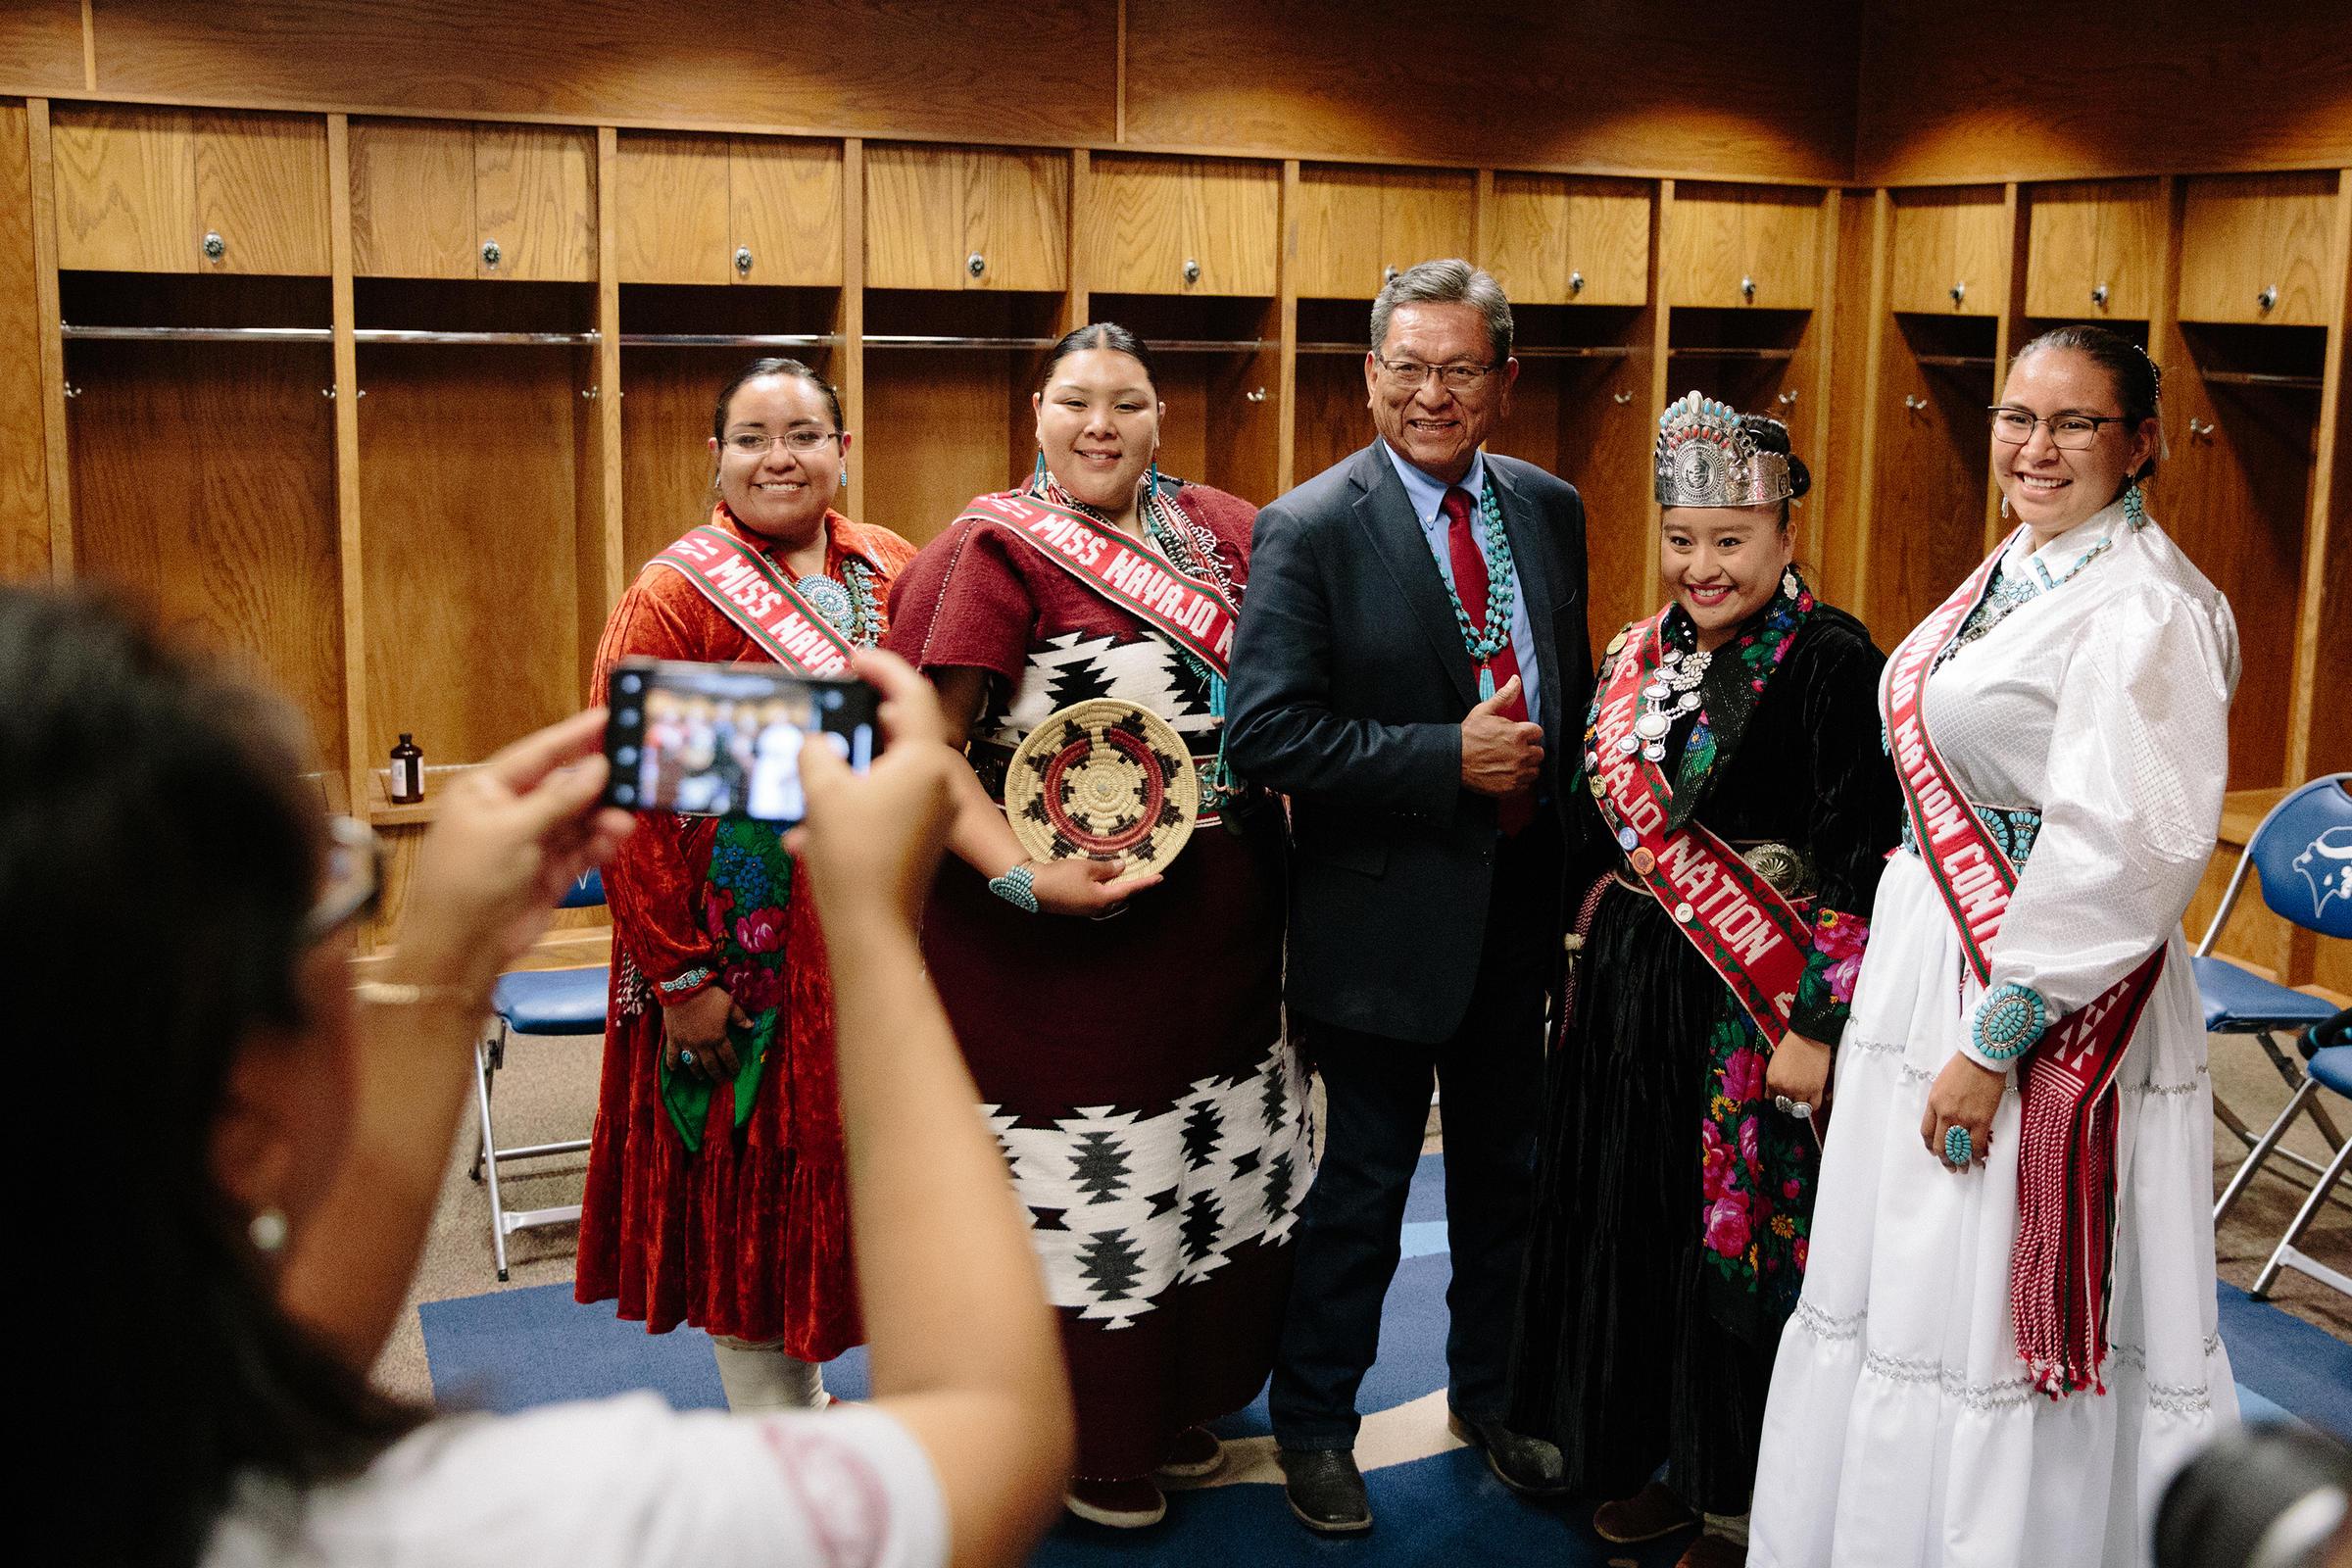 Becoming Miss Navajo Nation   WBFO